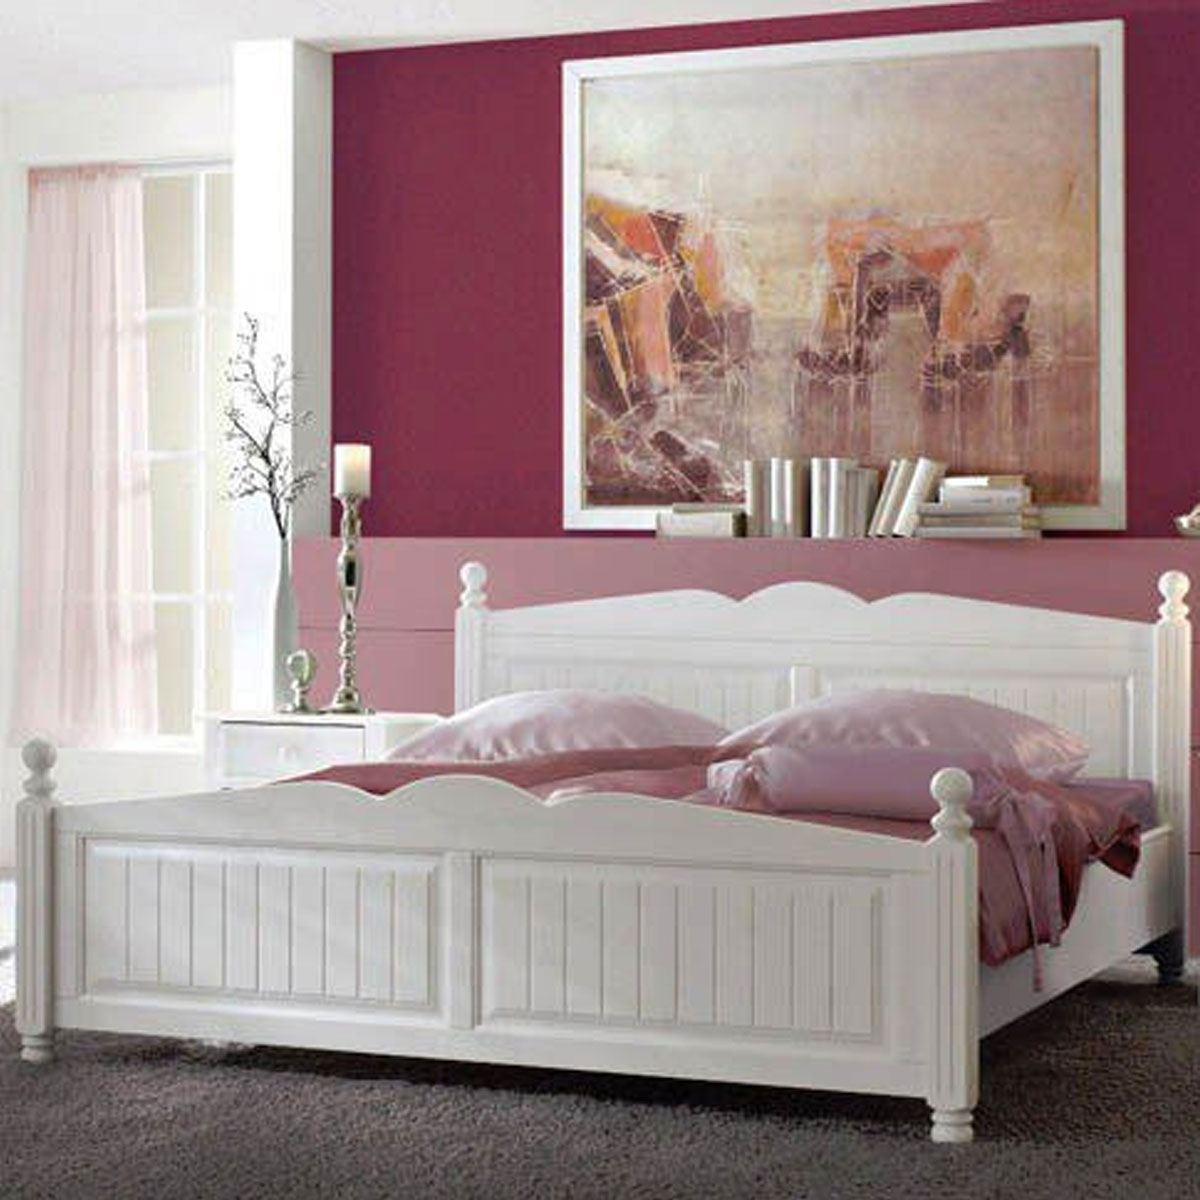 Schlafkontor Cinderella Schlafzimmer 2-teilig in Kiefer teilmassiv